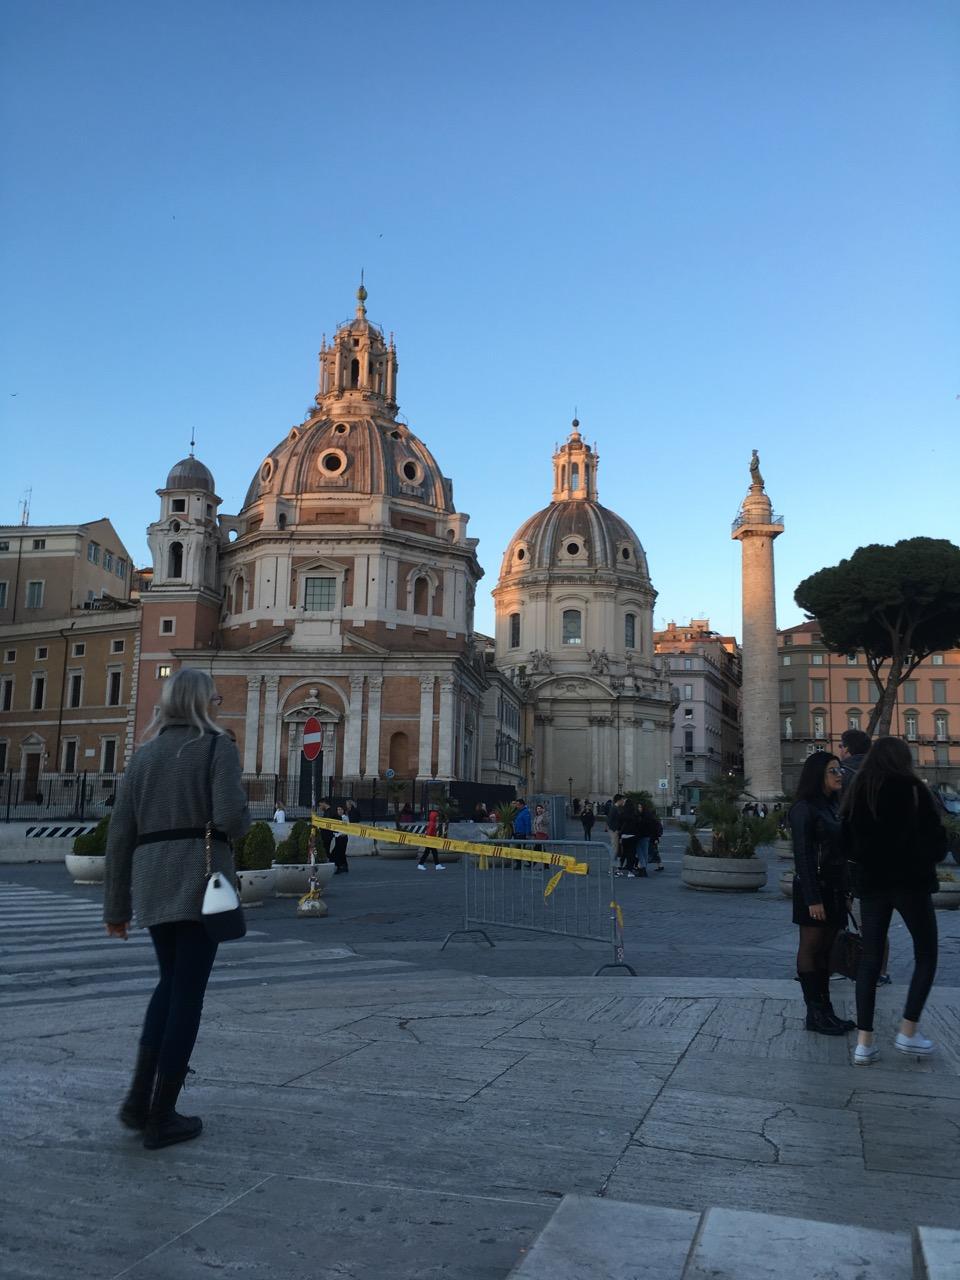 又回到了威尼斯广场